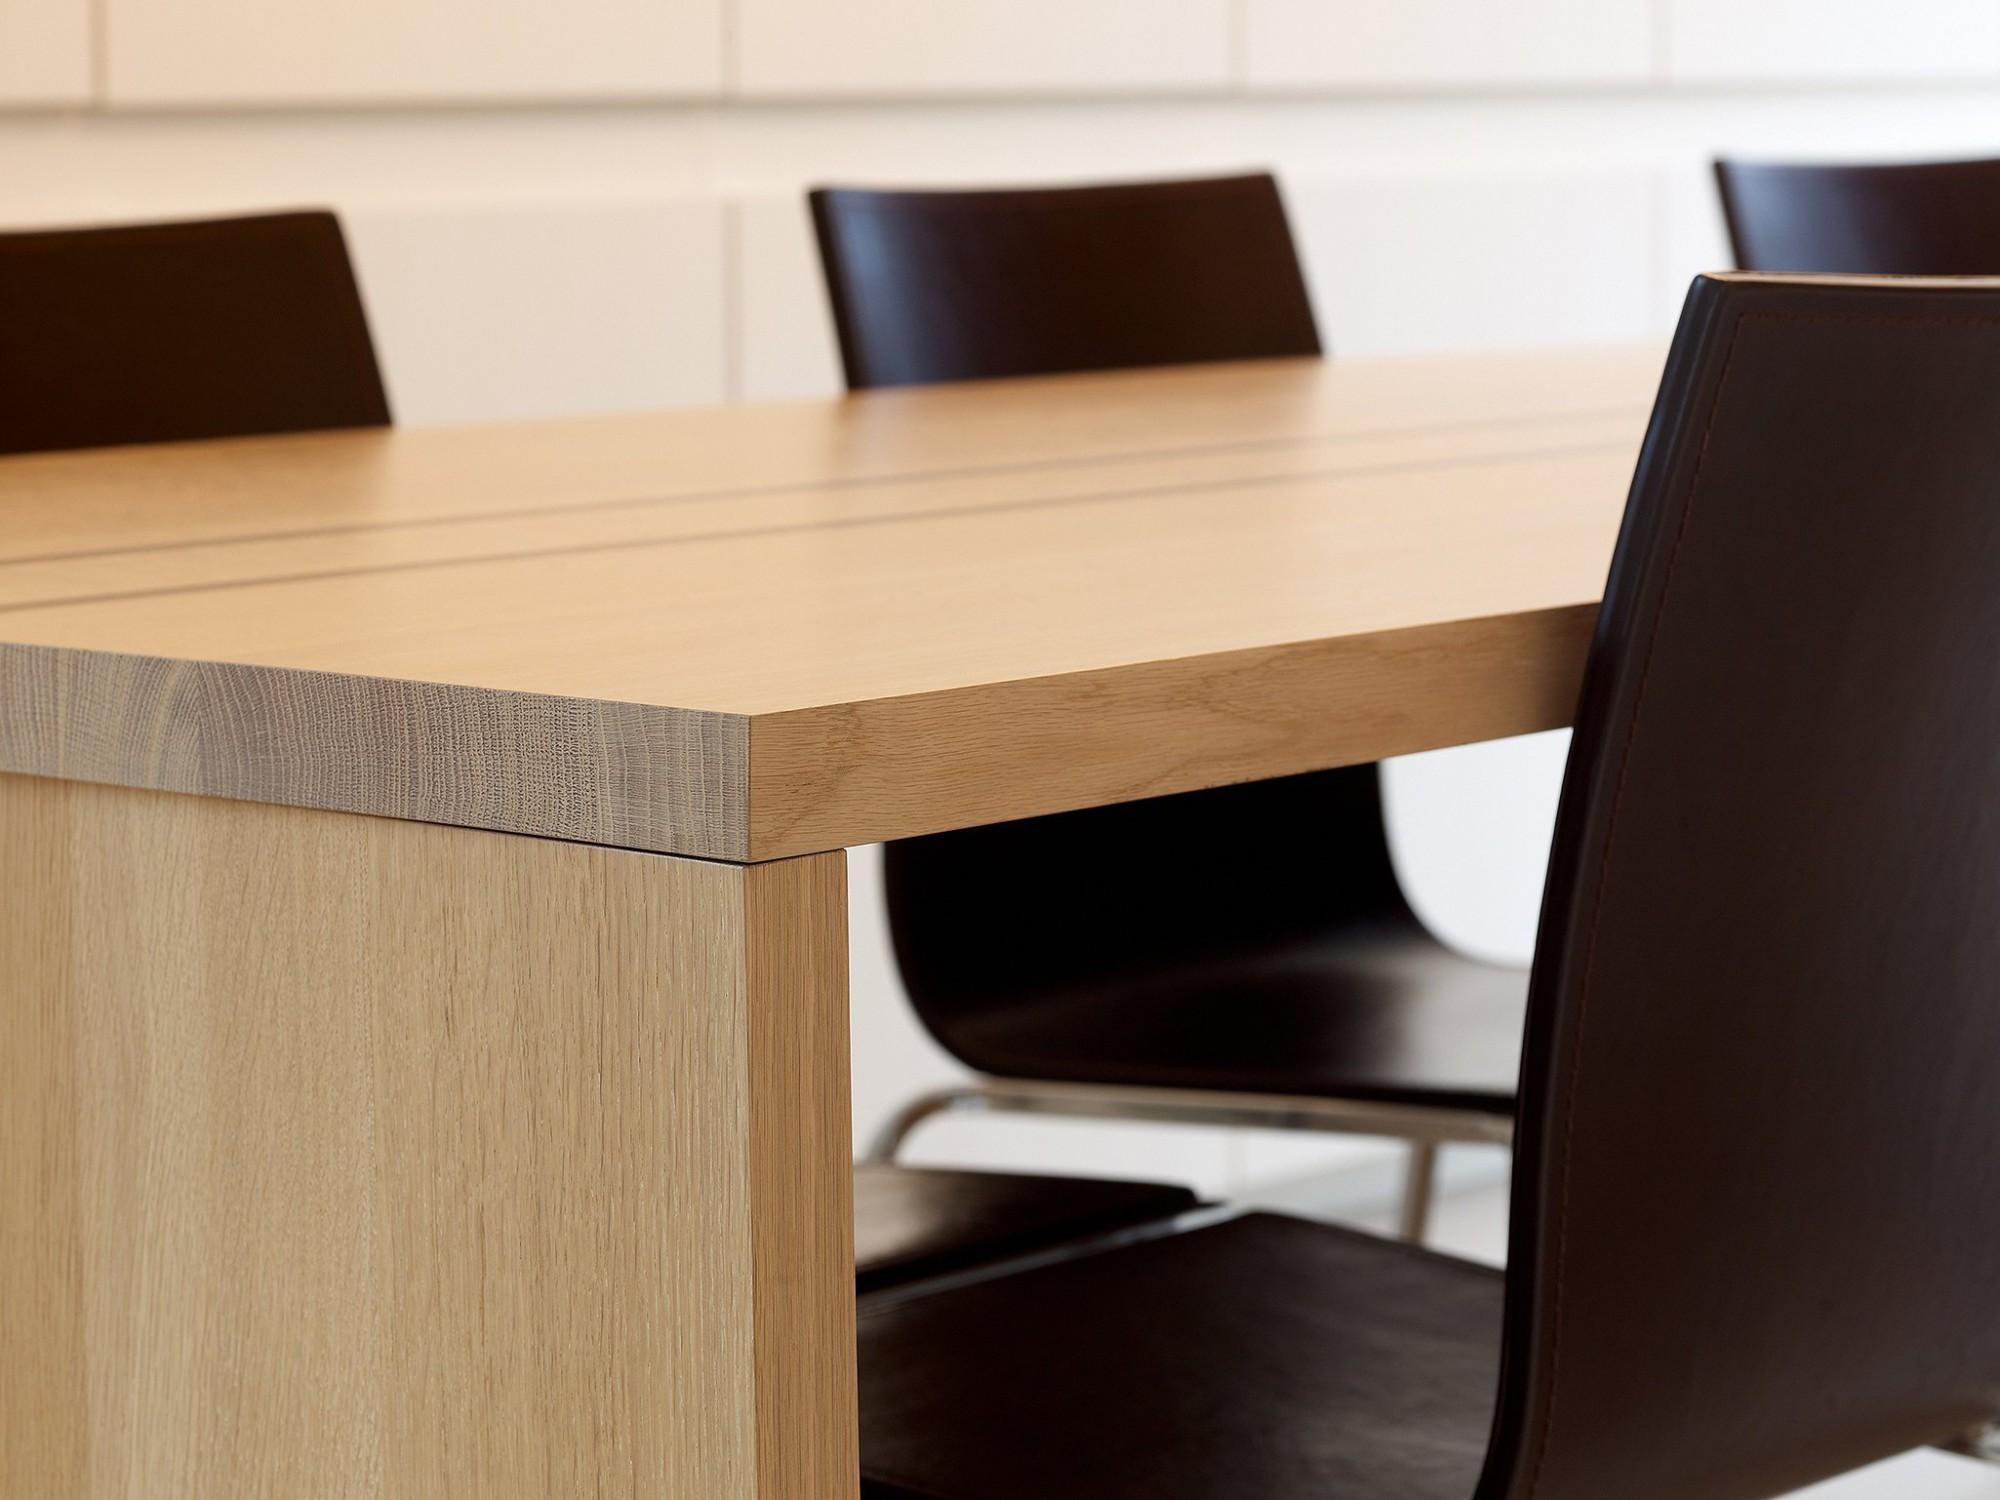 Afbeelding: Interieur fotografie detail tafel voor 4U-design.